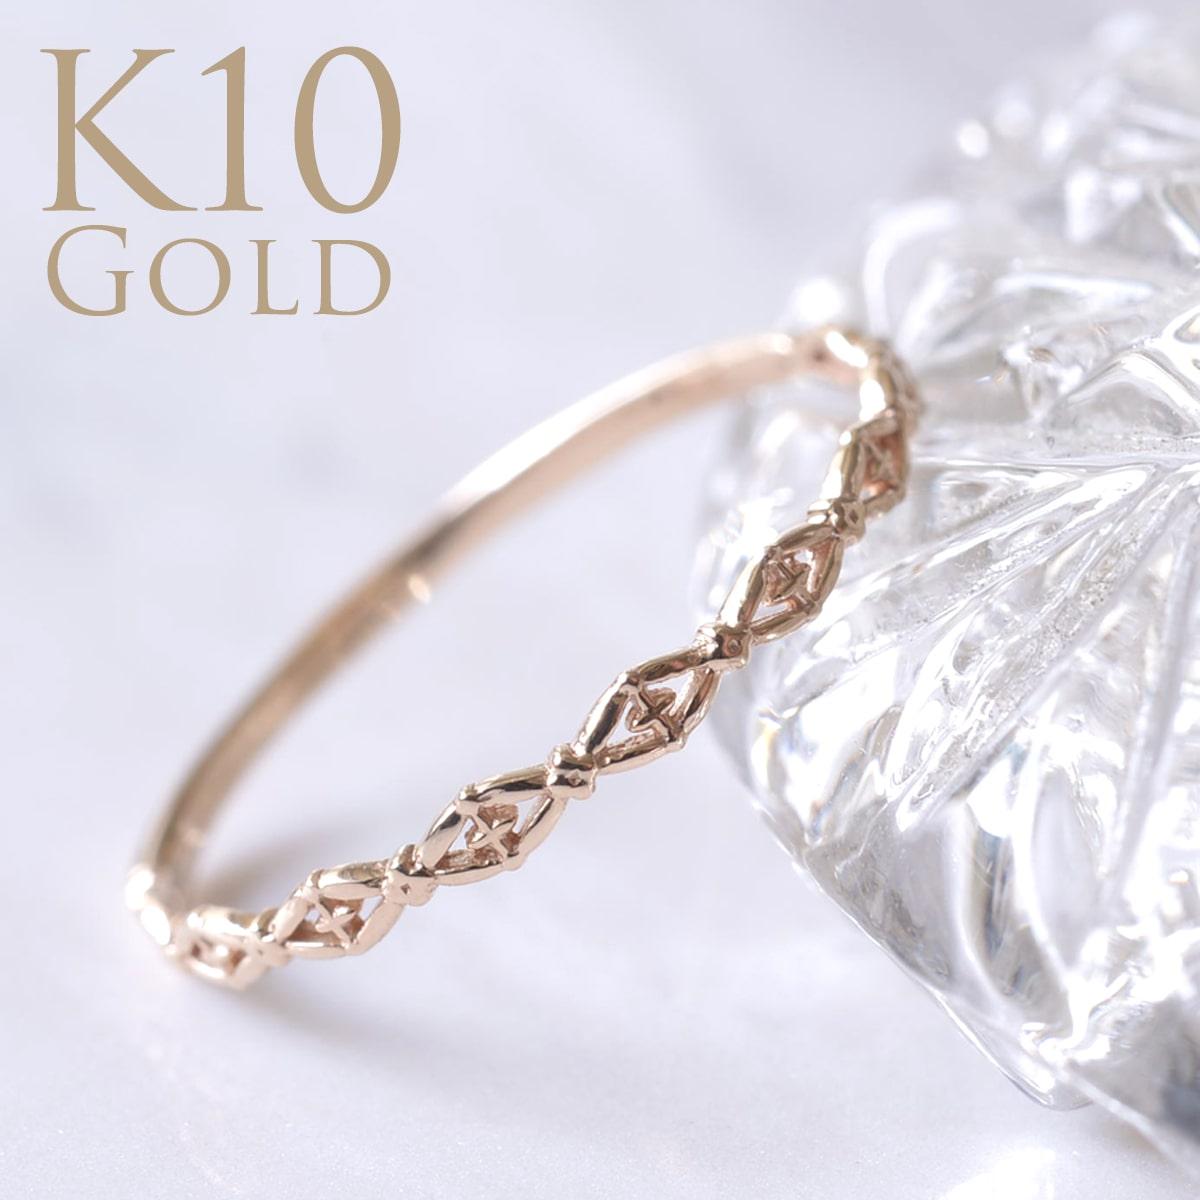 指輪 ゴールド リング K10 10金 透かしクロスゴールドリング 華奢 イエローゴールド 店内全品対象 新作 新品未使用